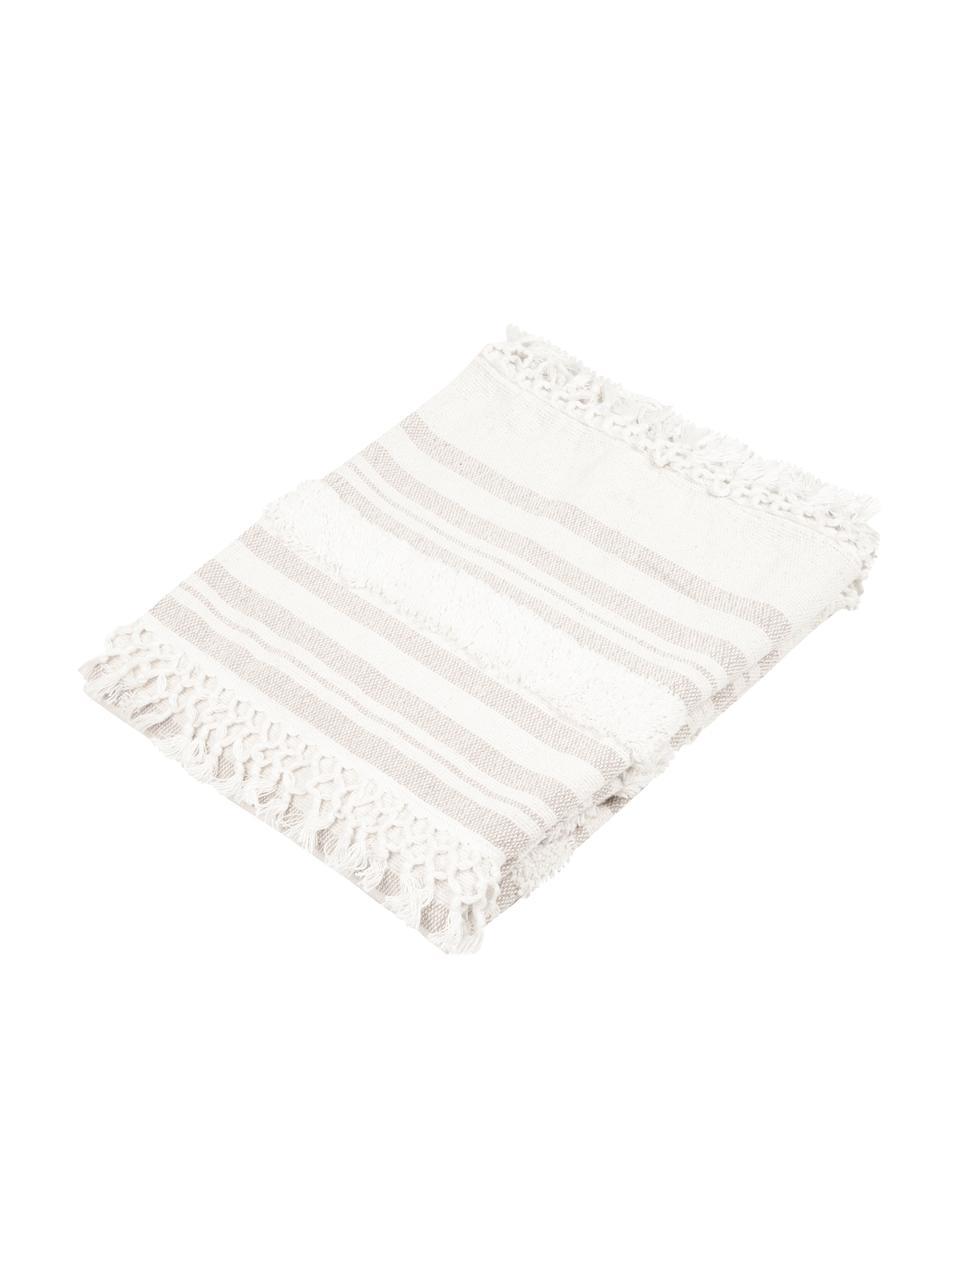 Koc z bawełny z frędzlami Nara, 100% bawełna, Kremowobiały, beżowy, S 130 x D 170 cm